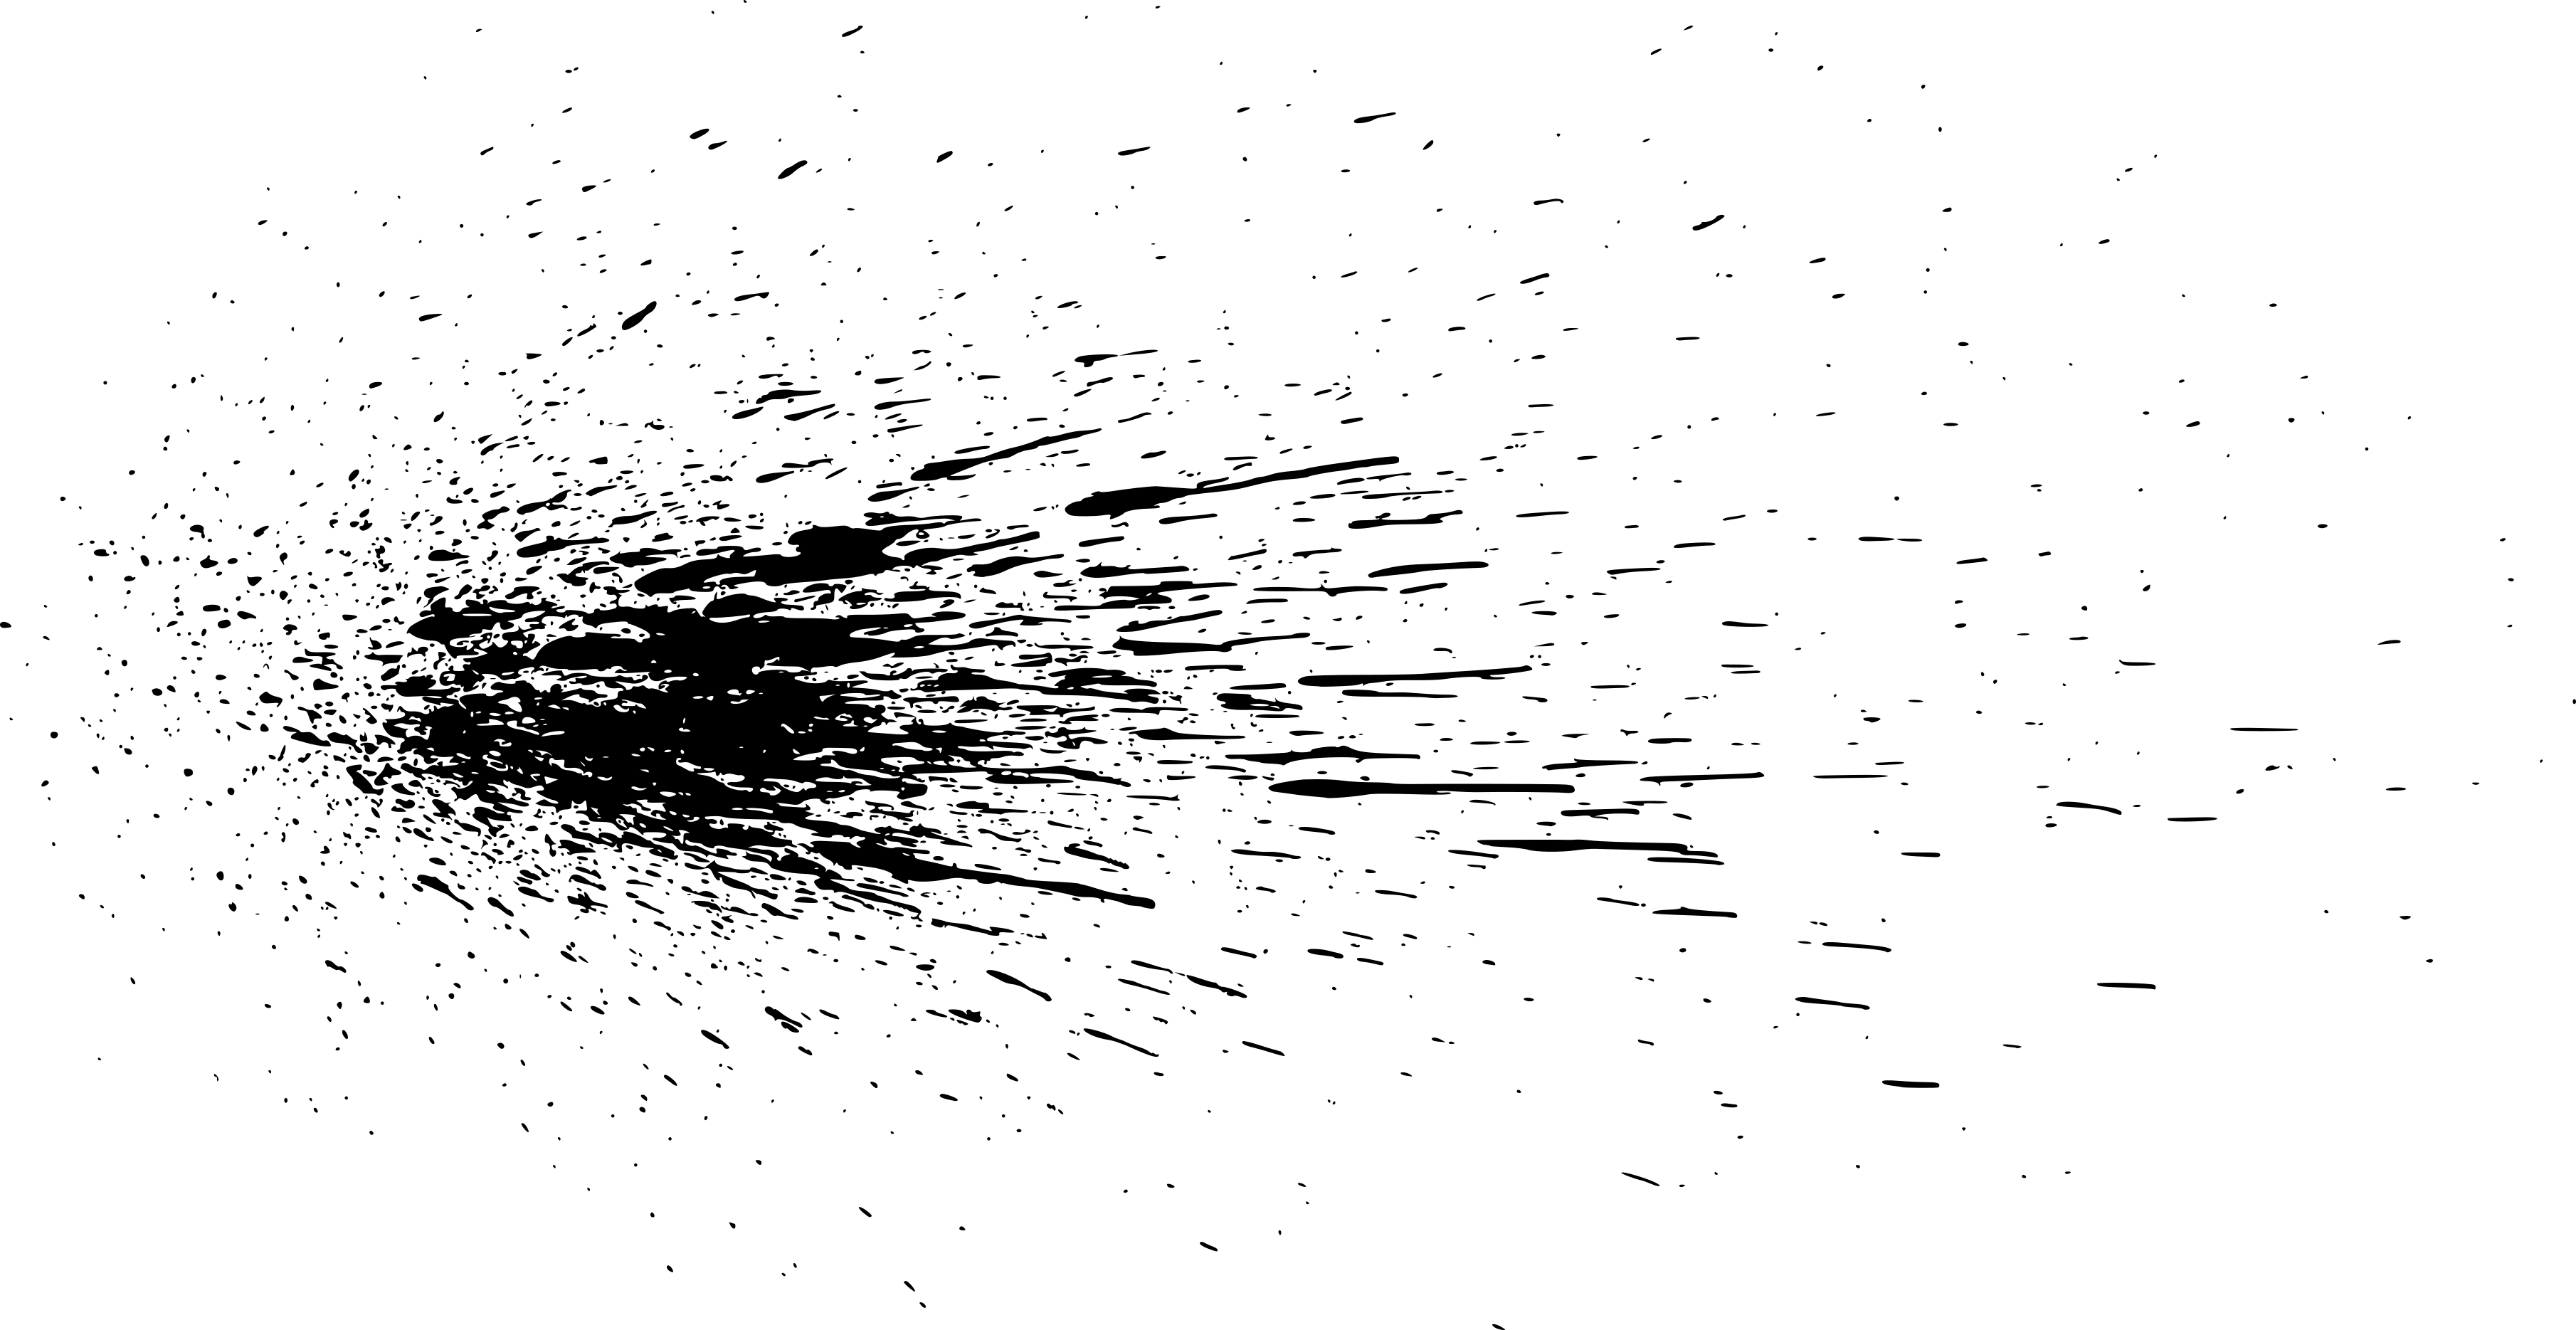 10 Grunge Spray Splatter Background (PNG Transparent).